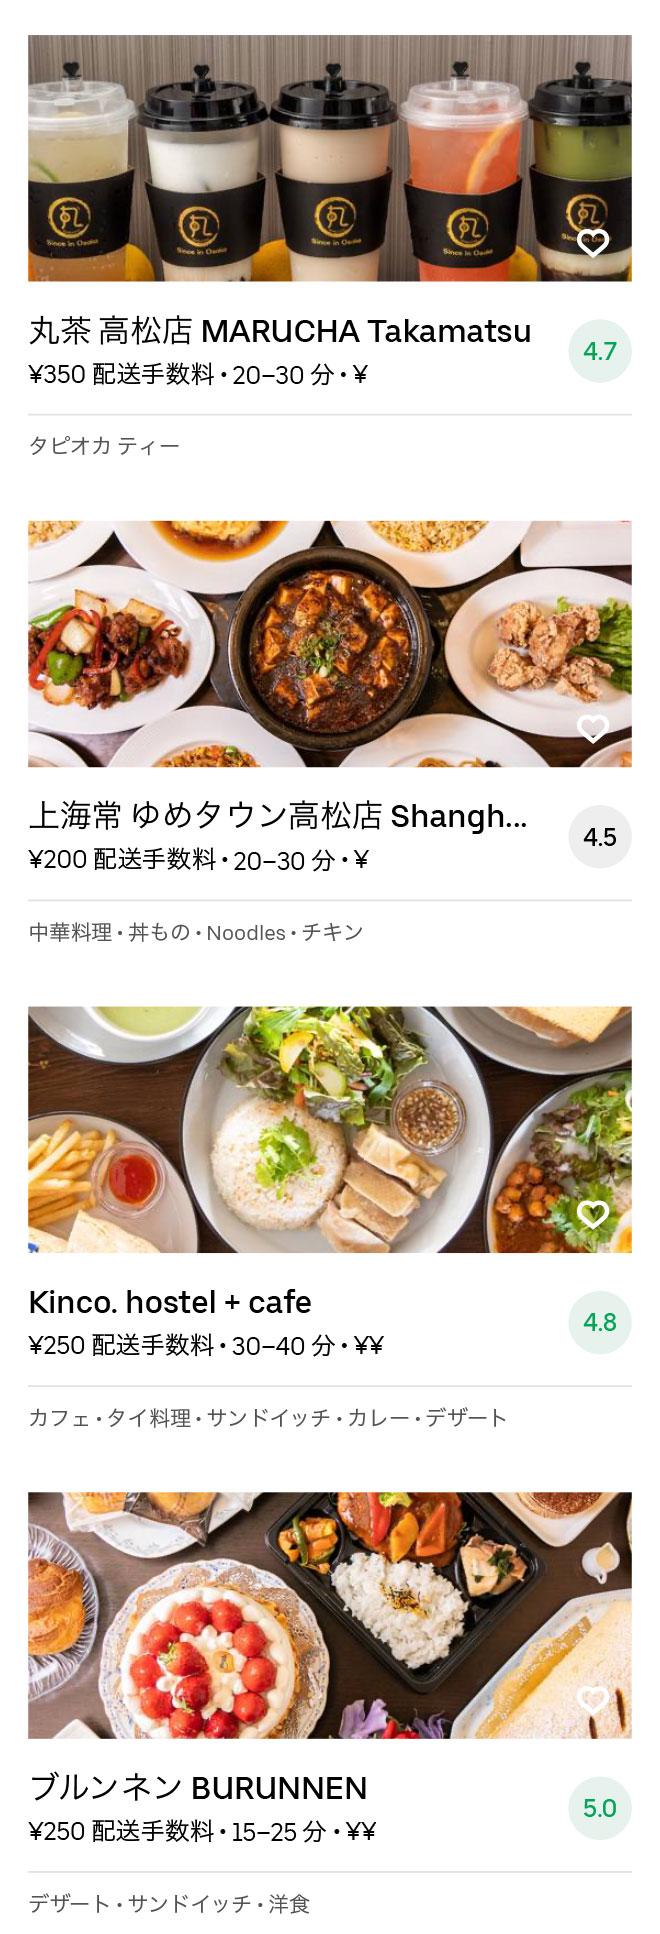 Chuoh sho menu 2008 07